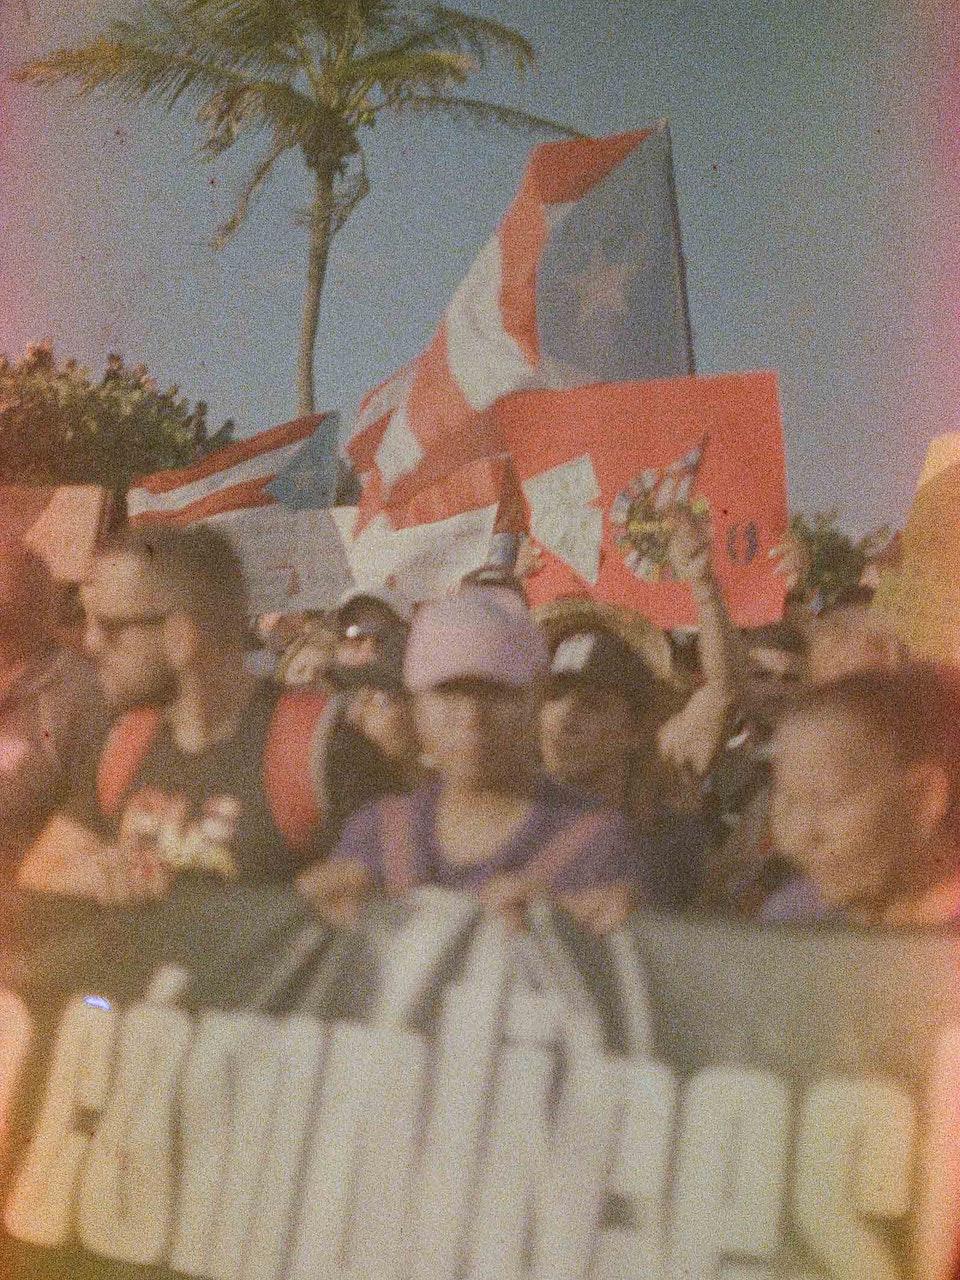 Ricky Renuncia Puerto Rico Protests